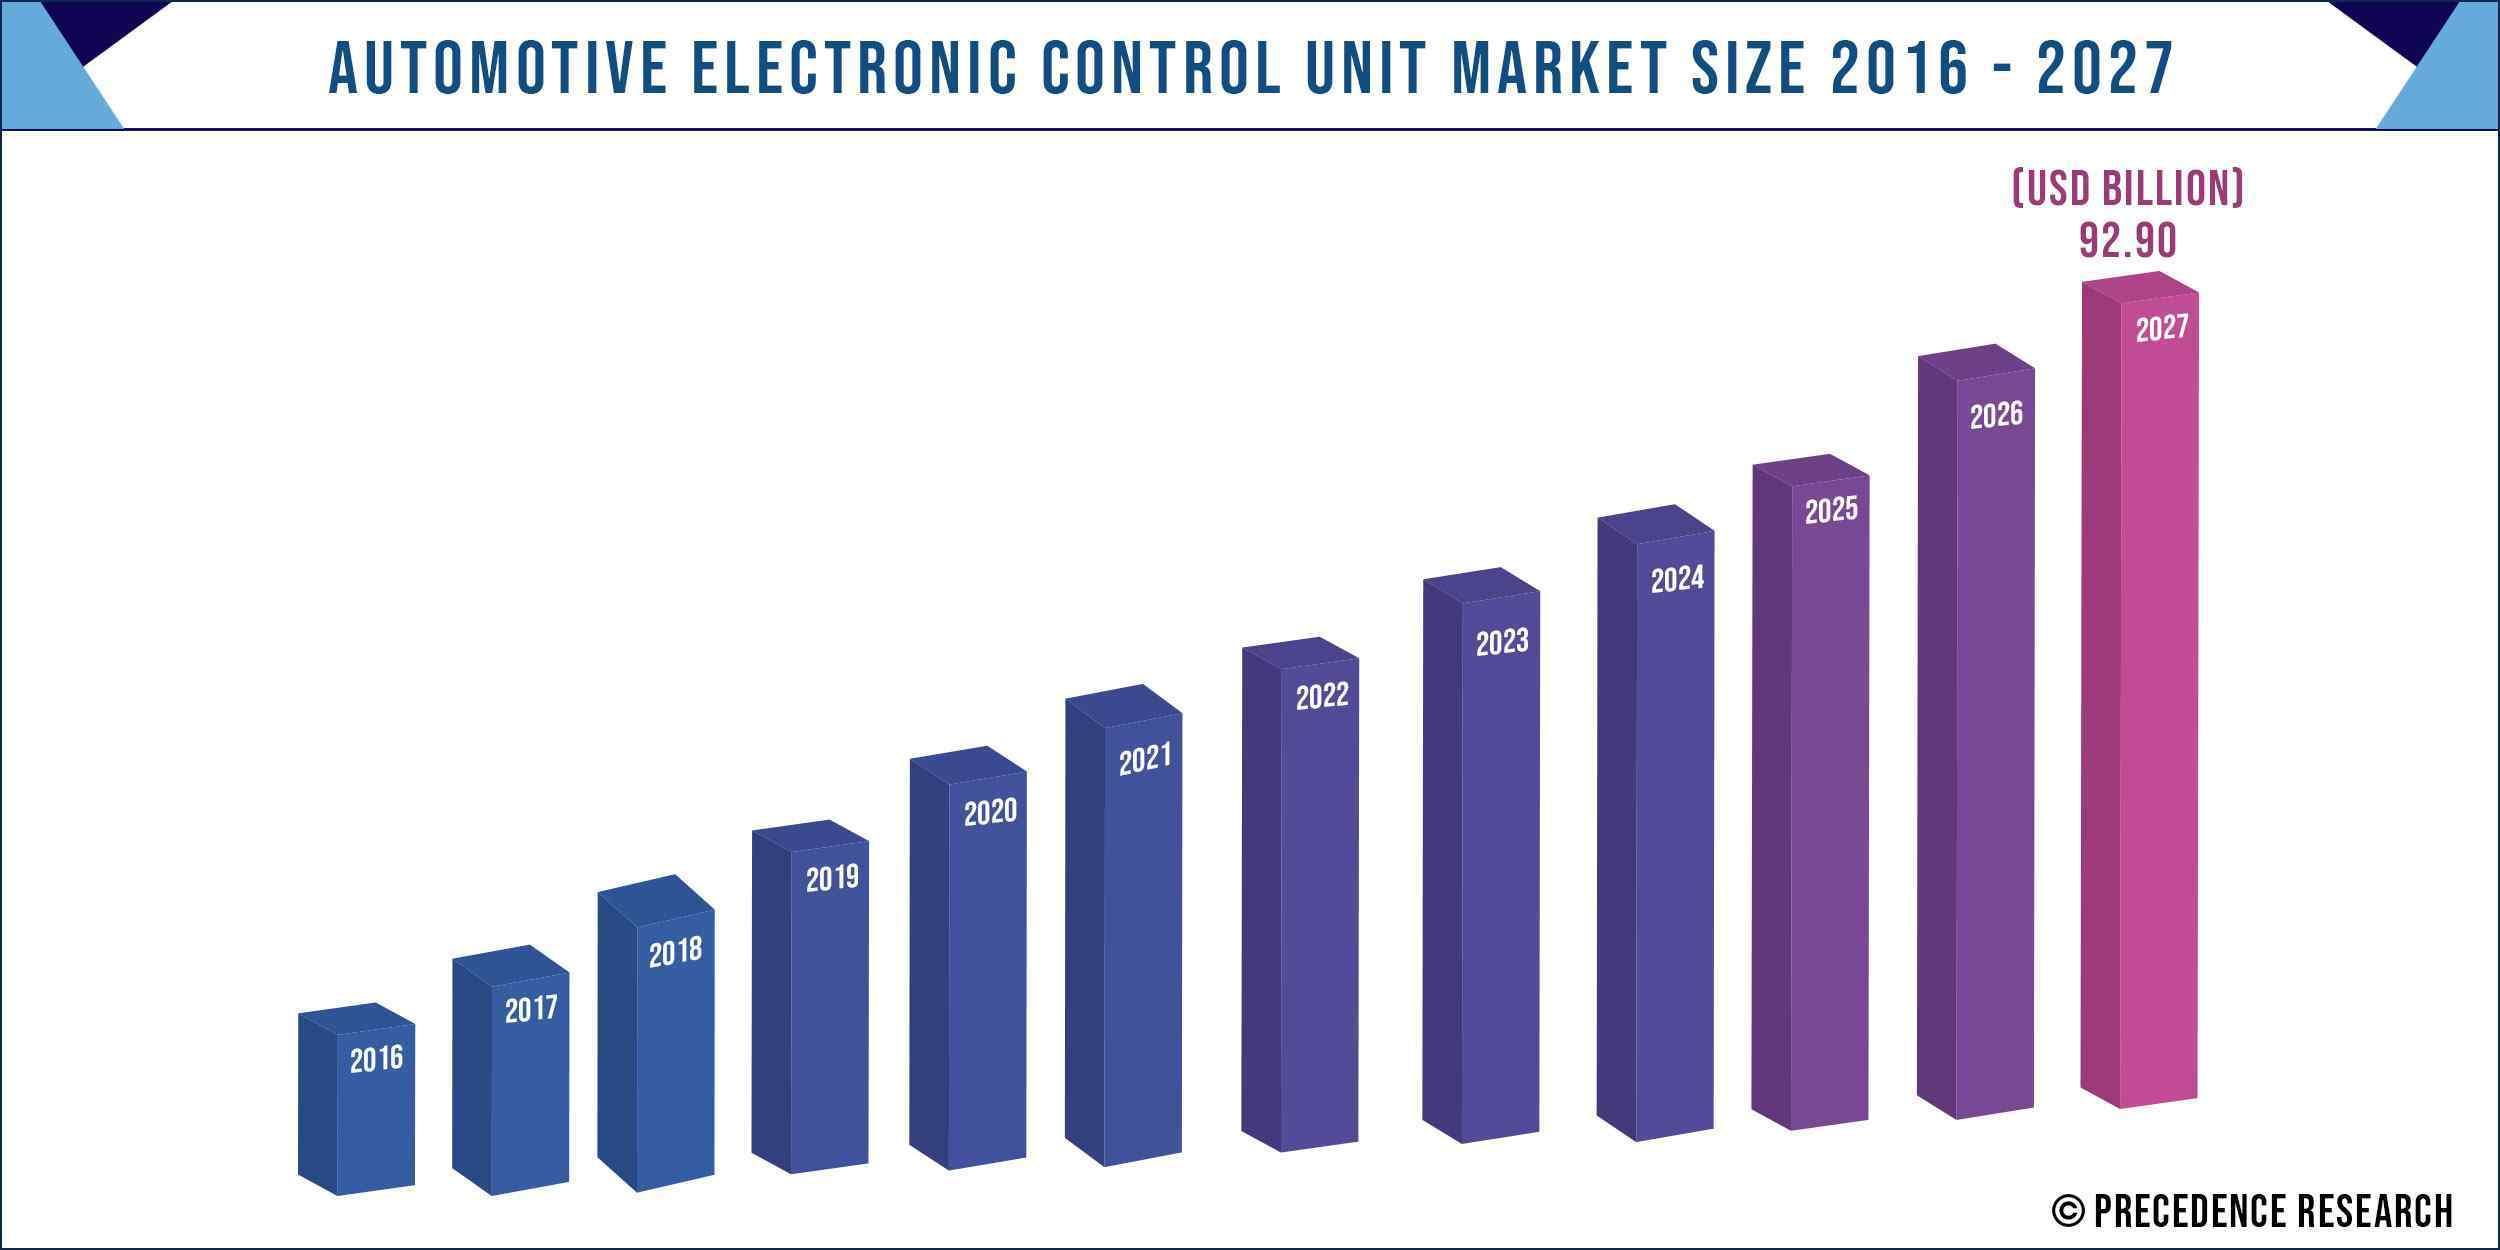 Automotive Electronic Control Unit Market Size 2016-2027